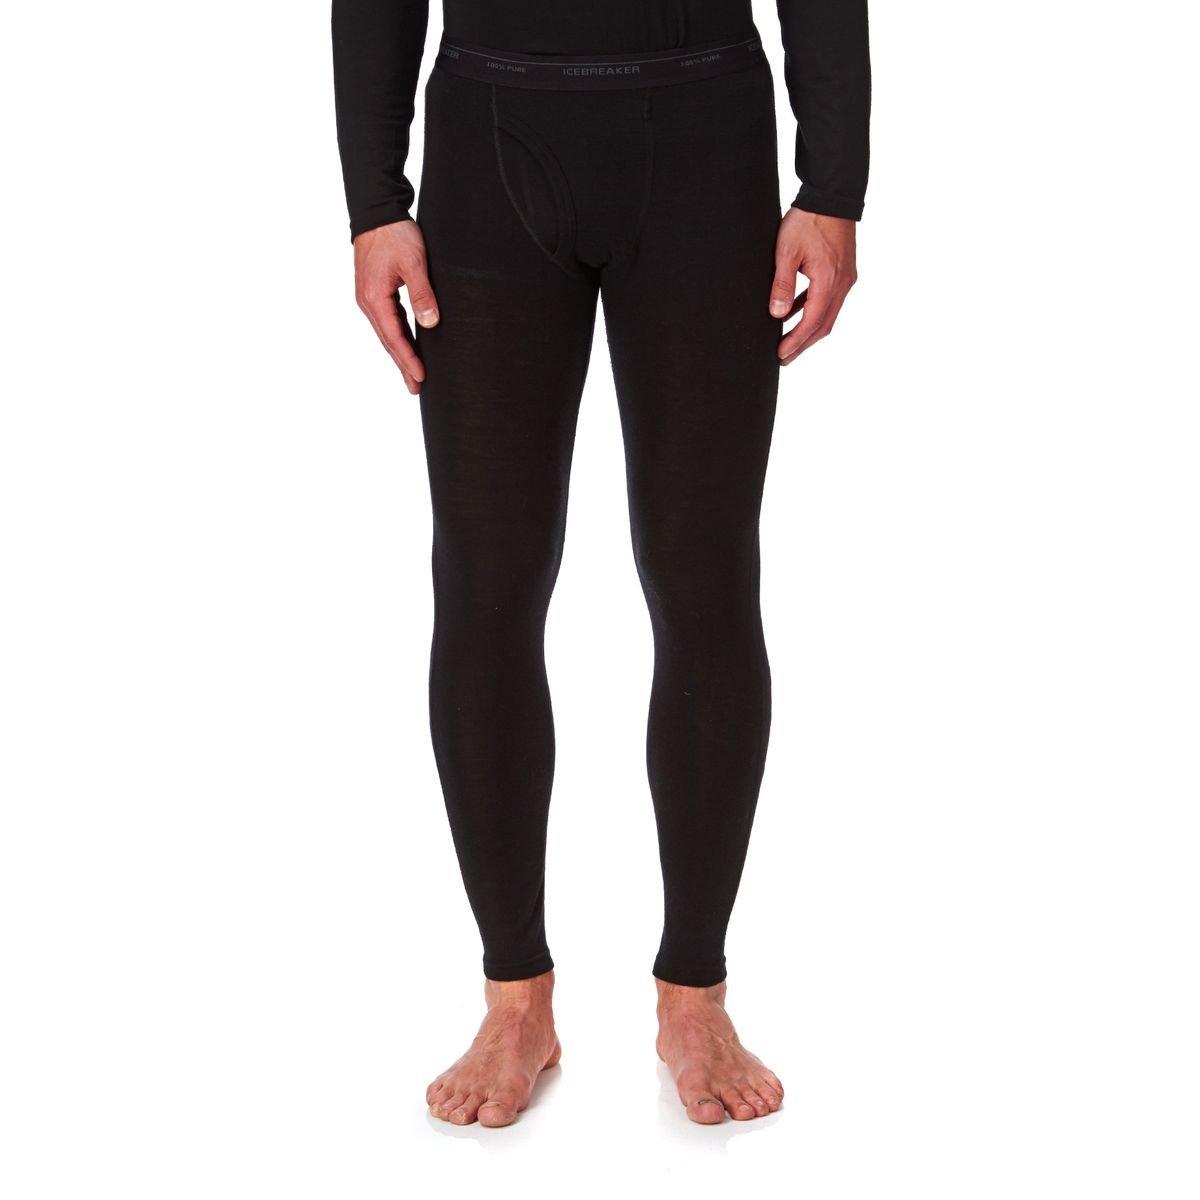 Icebreaker Herren Leggings Everyday w Fly, Black, S, 101266001